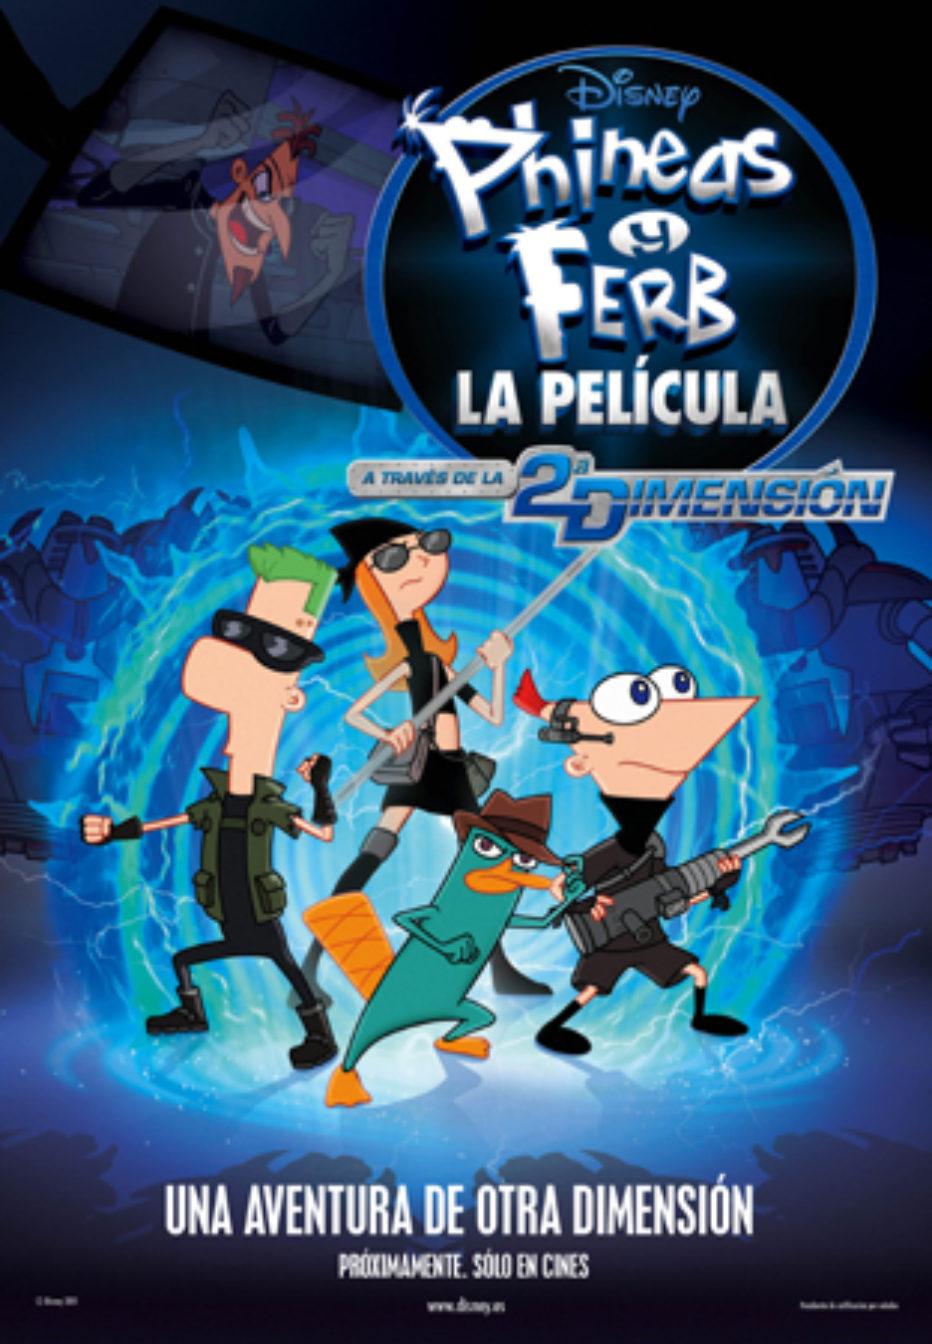 Phineas y Ferb: A través de la segunda dimensión: What if…?